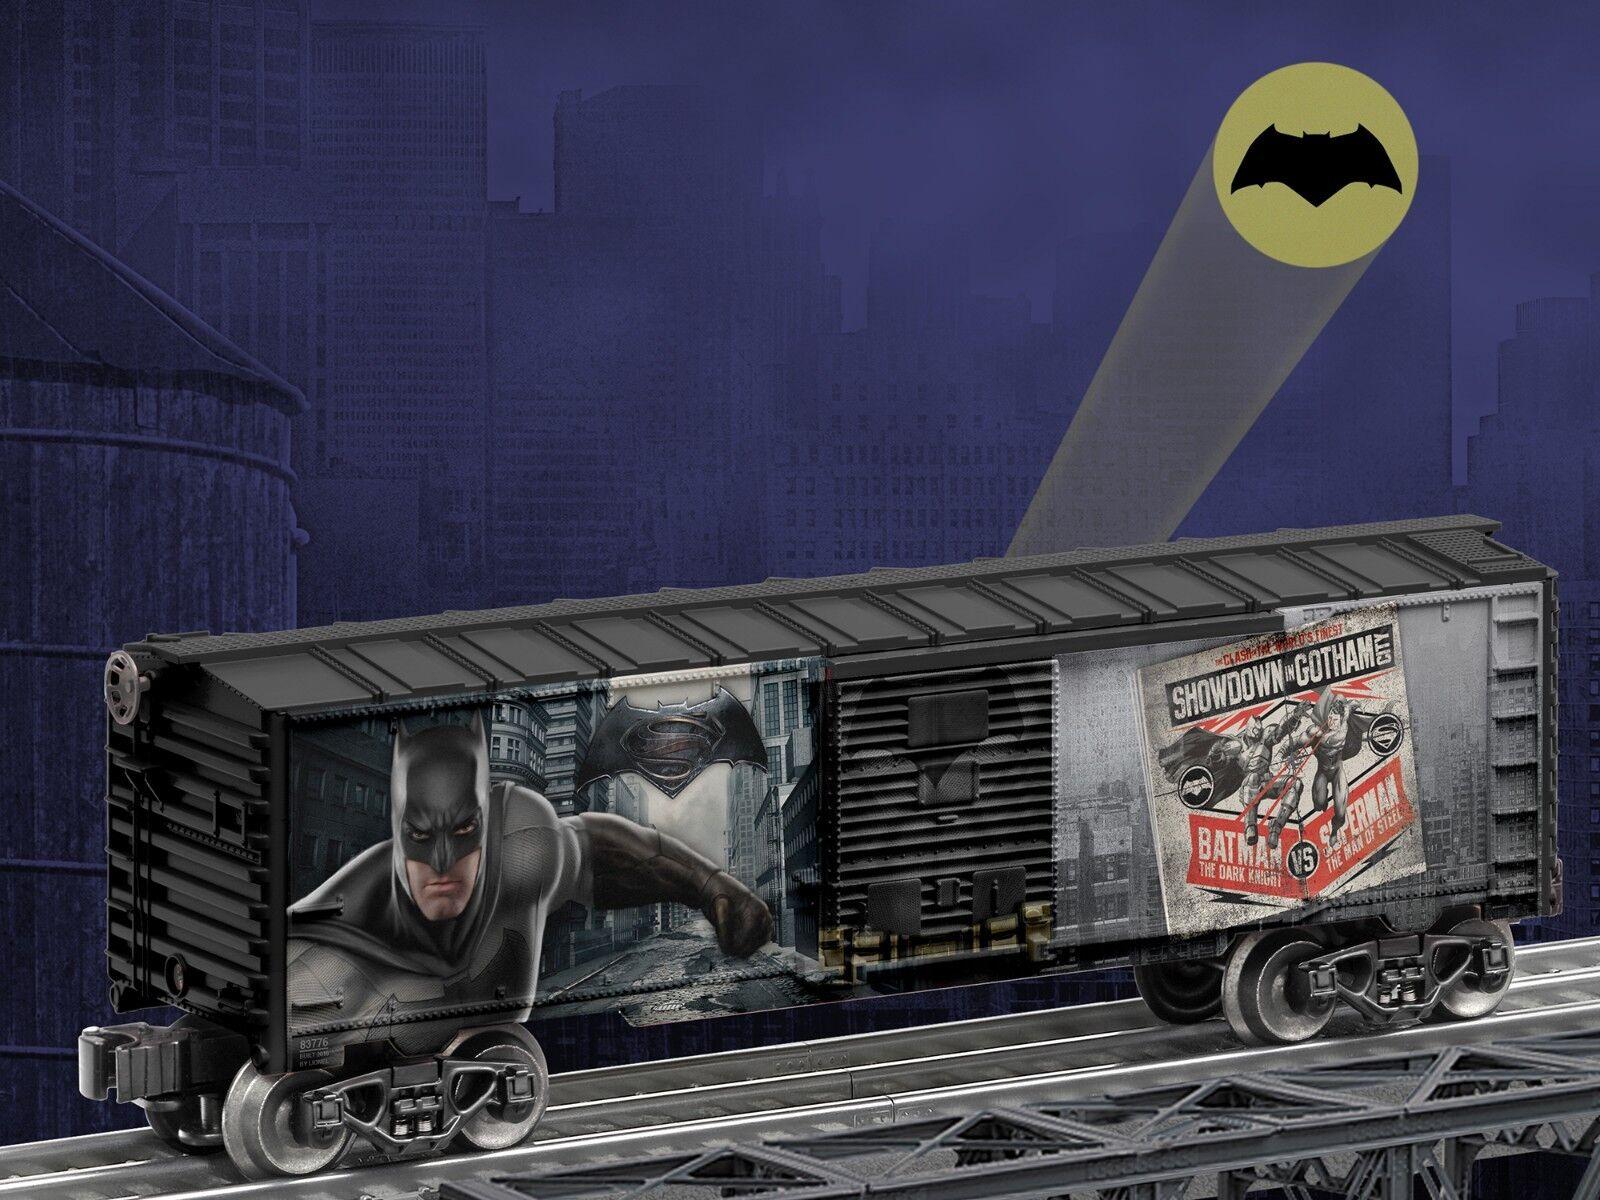 Lionel O Escala Batman El Caballero de furgón 6-83776 Nuevo En Caja